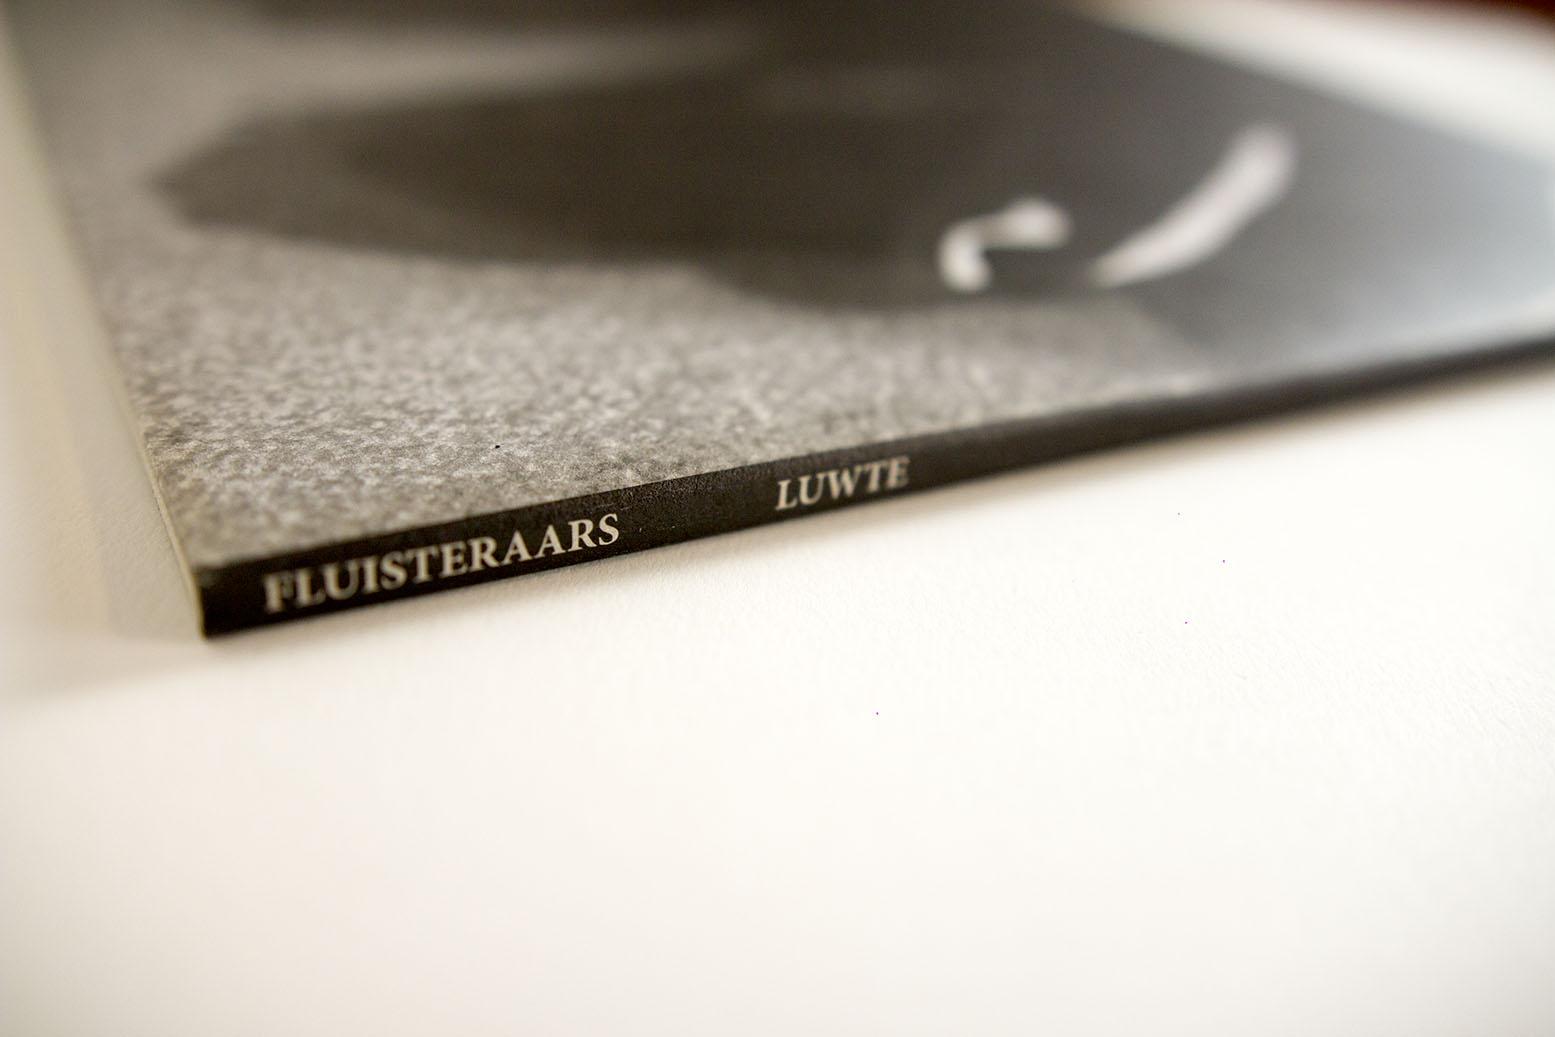 Fluisteraars – 4 copy